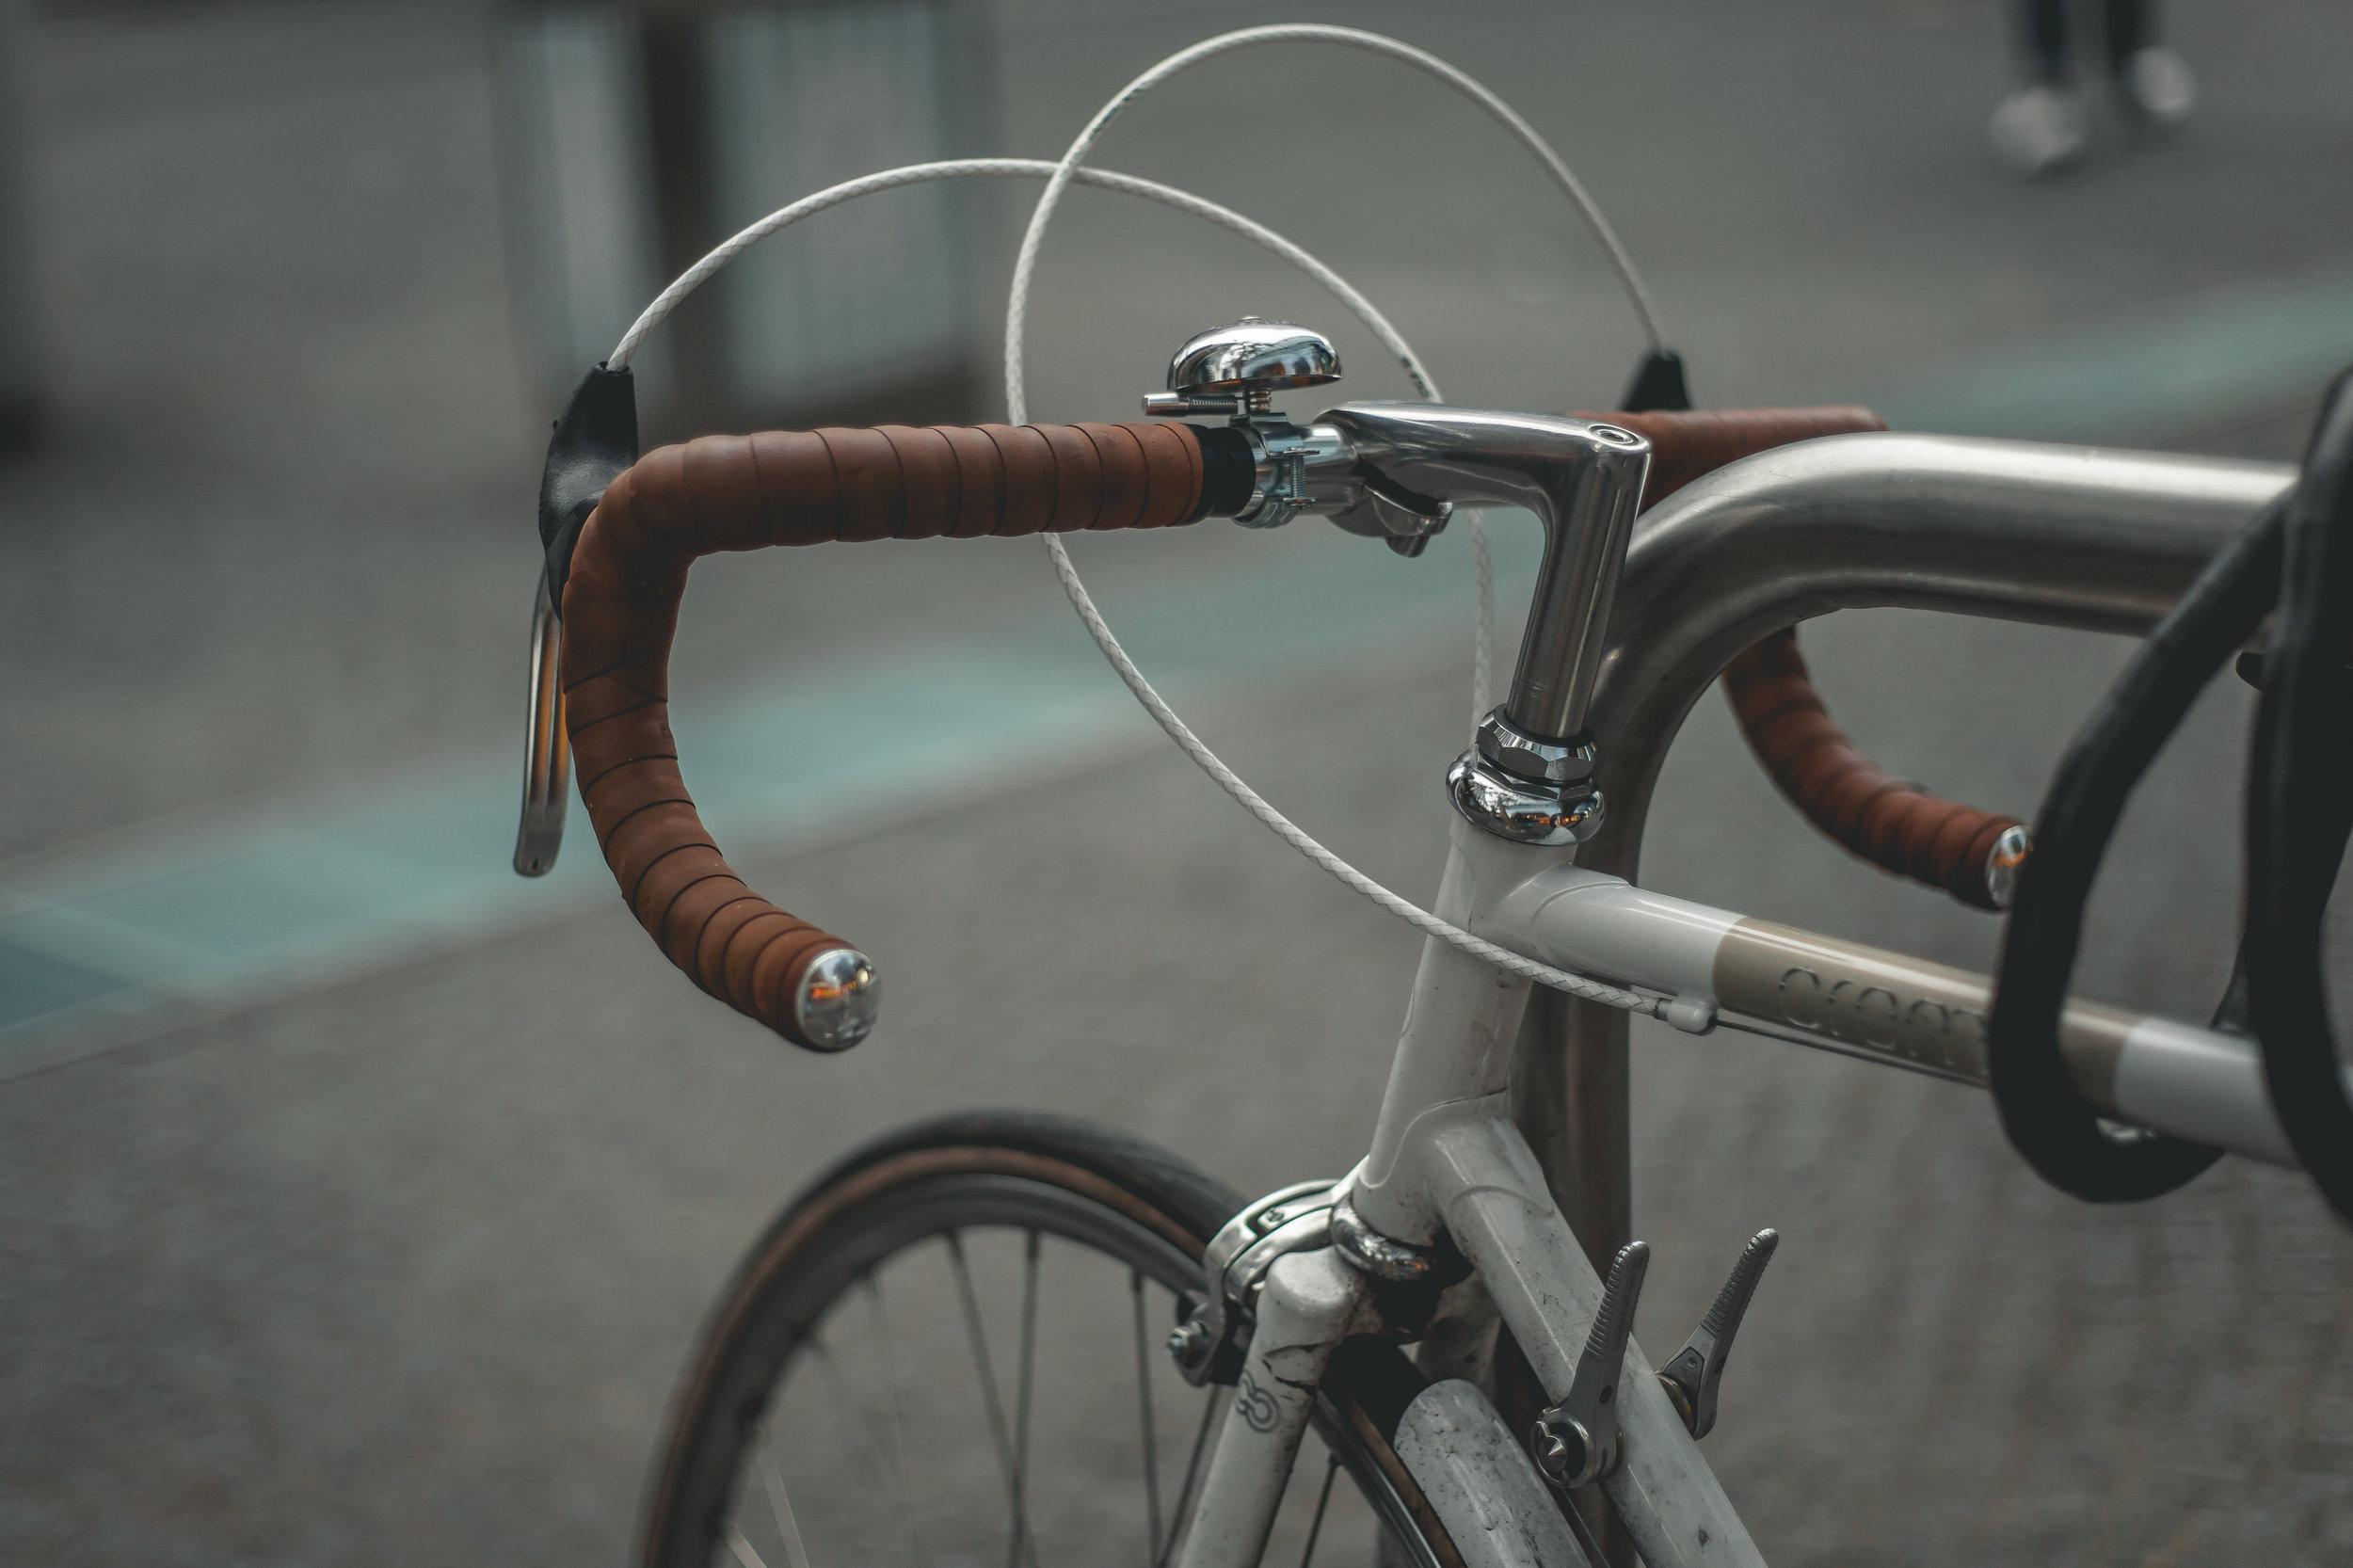 zet fiets op slot en vast aan de beugels voor panden